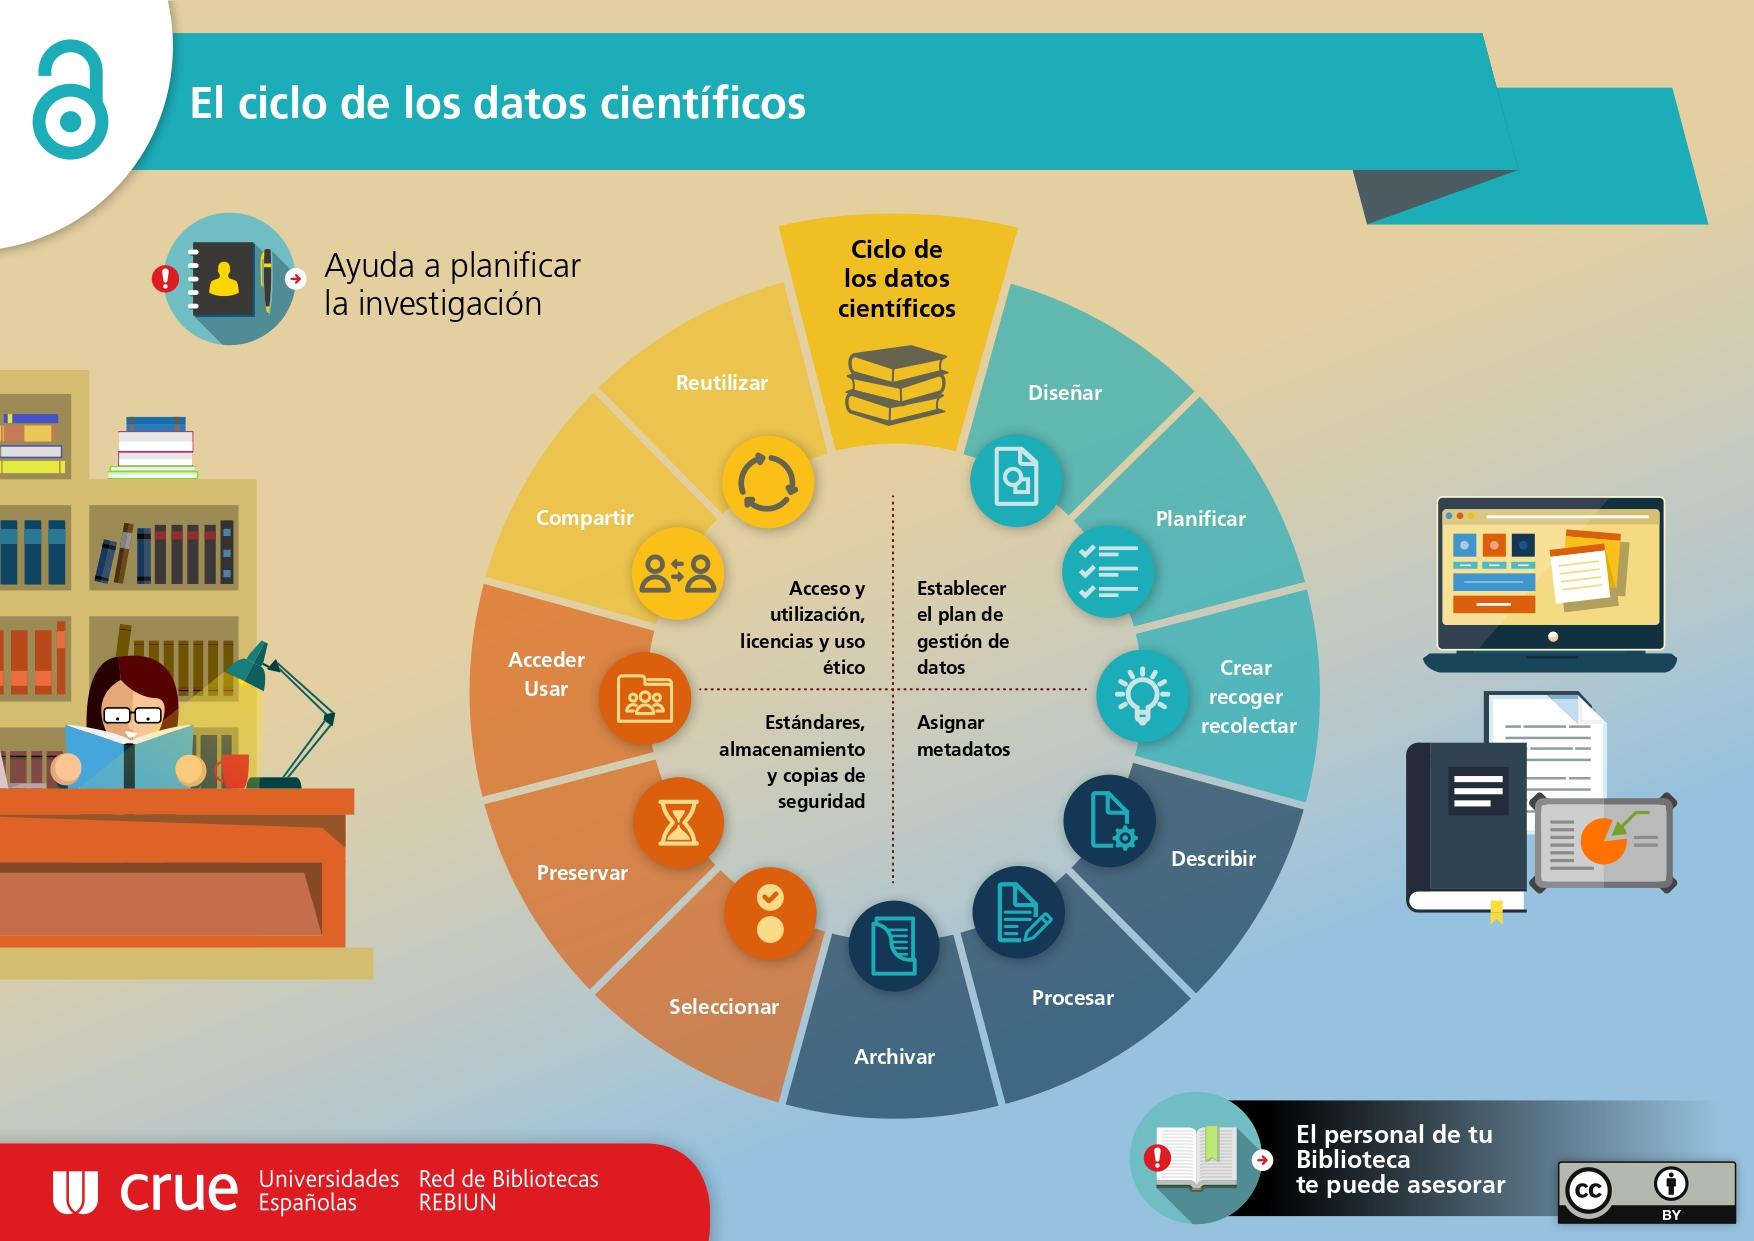 es_iiipe_linea2_subgoa_2016_infografias_castellano_pages-to-jpg-0003